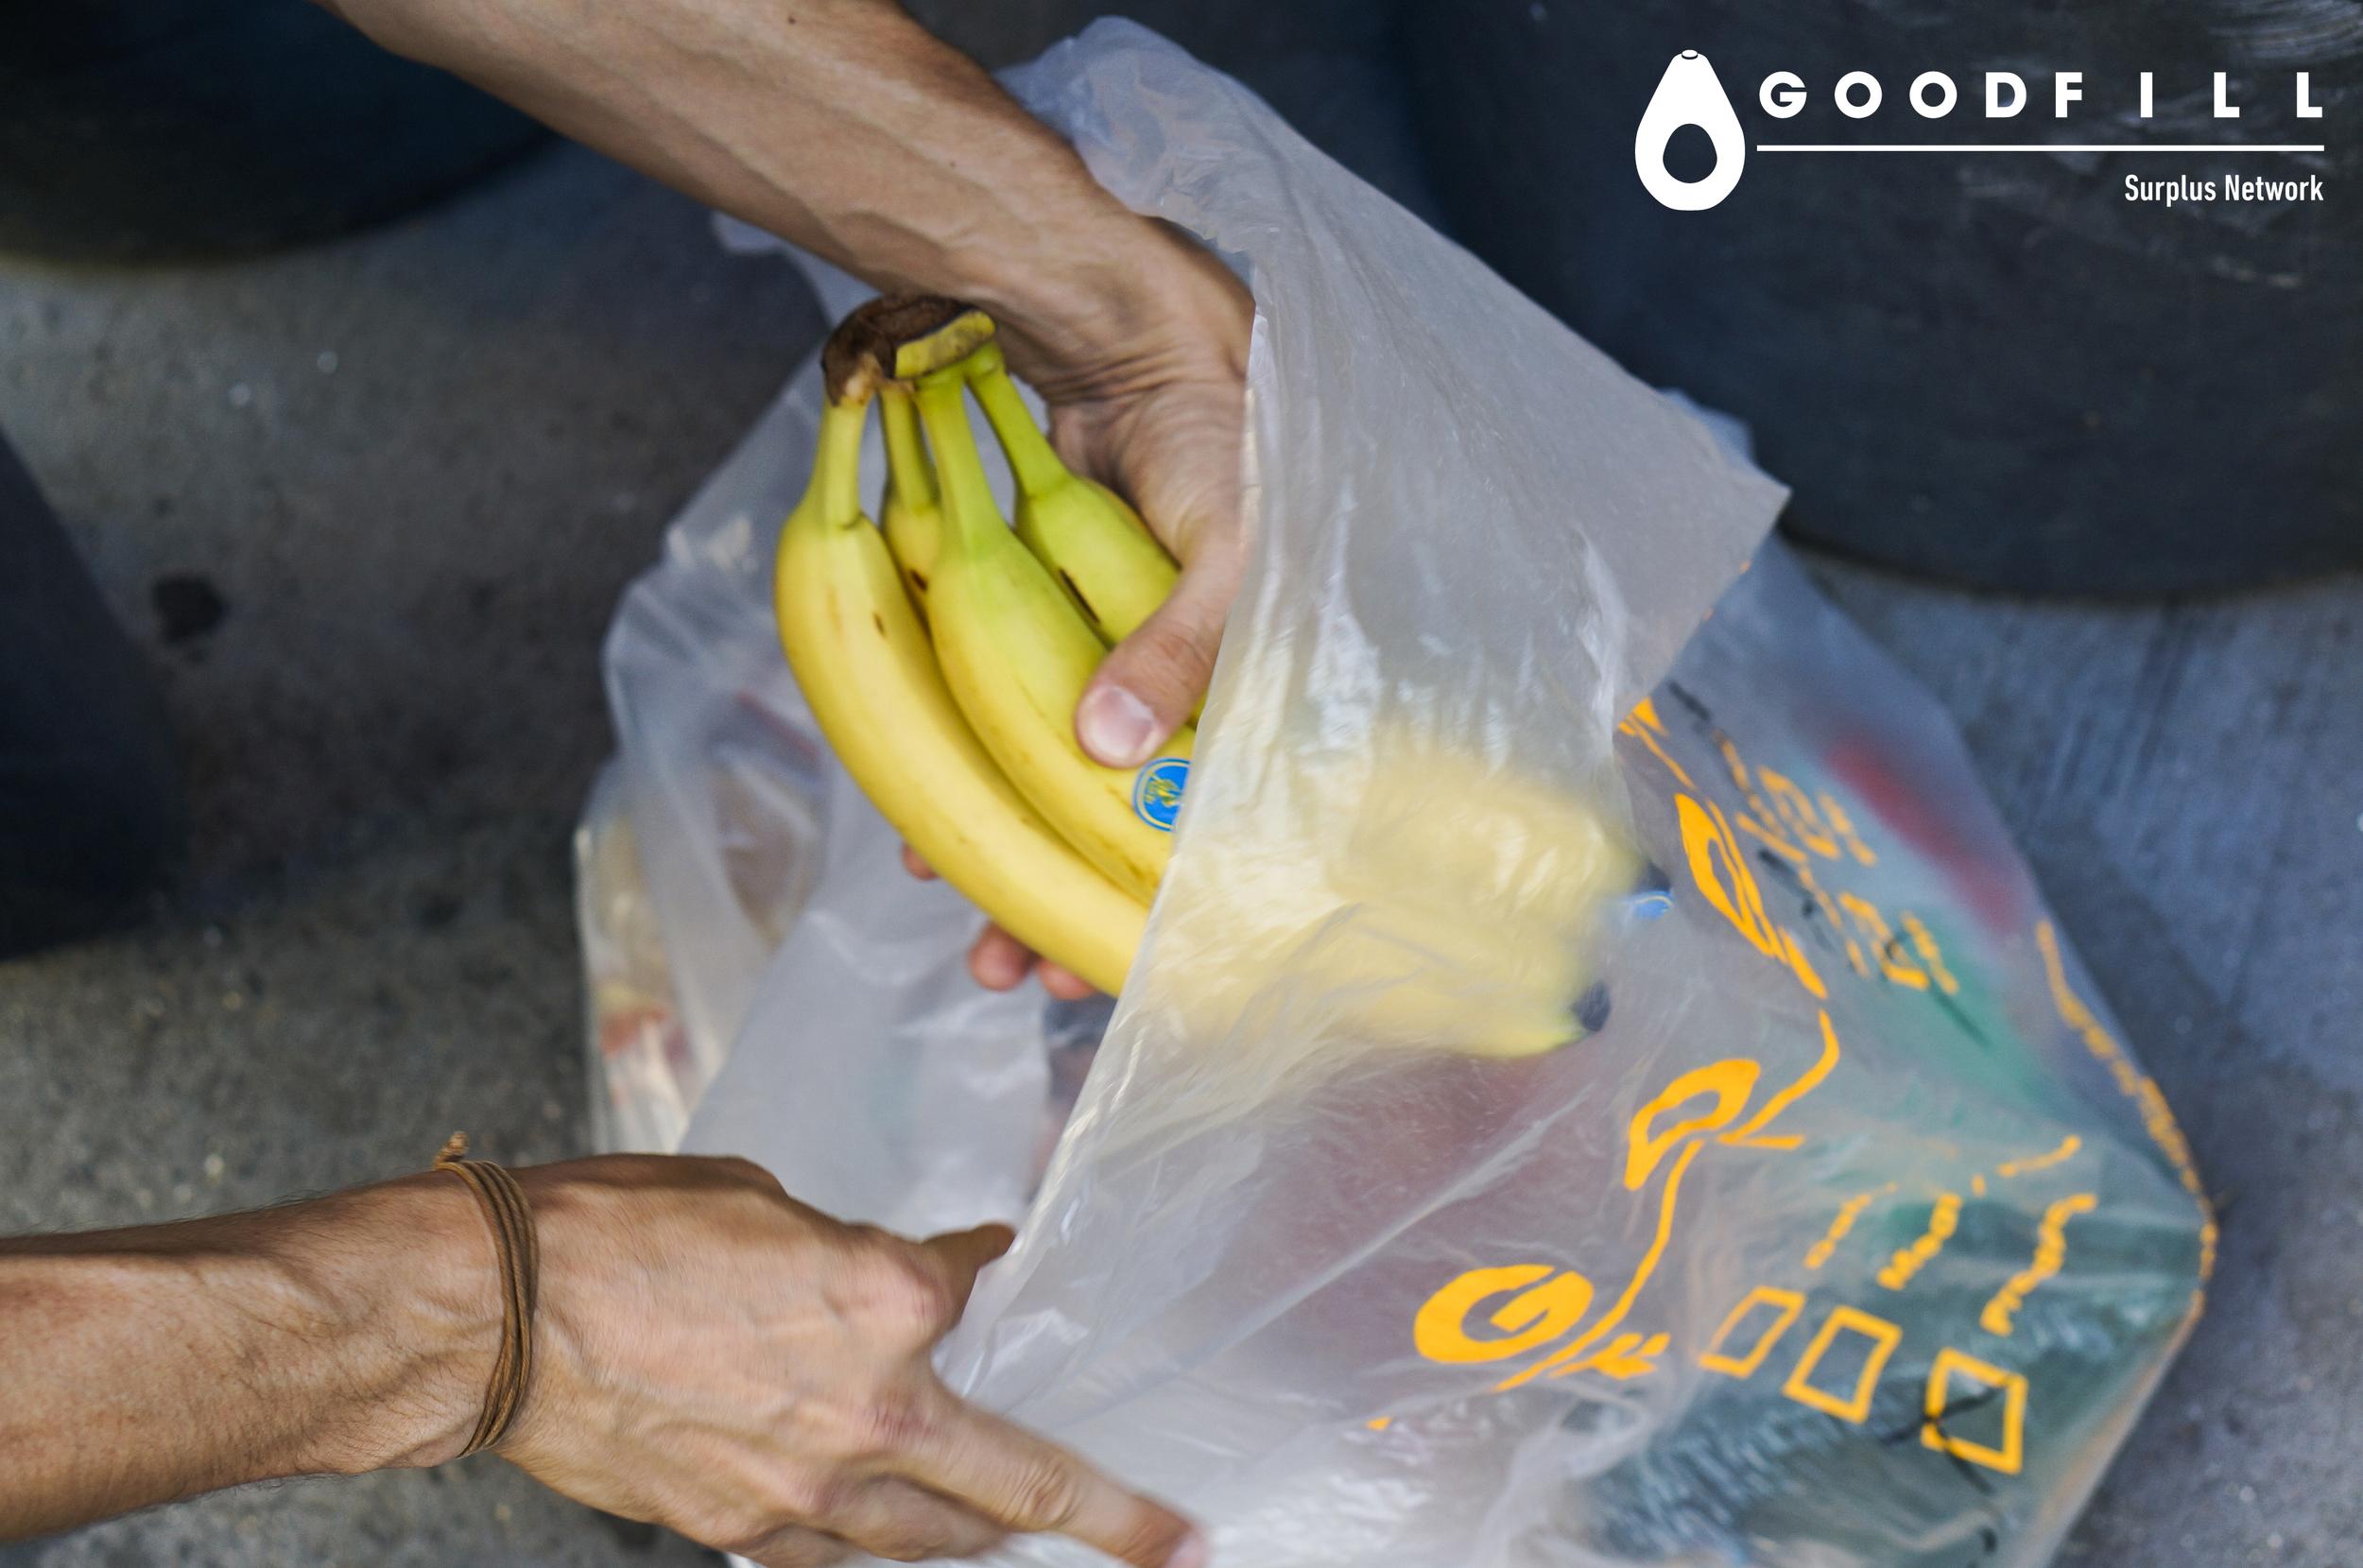 goodfill_bananasinbag.jpg